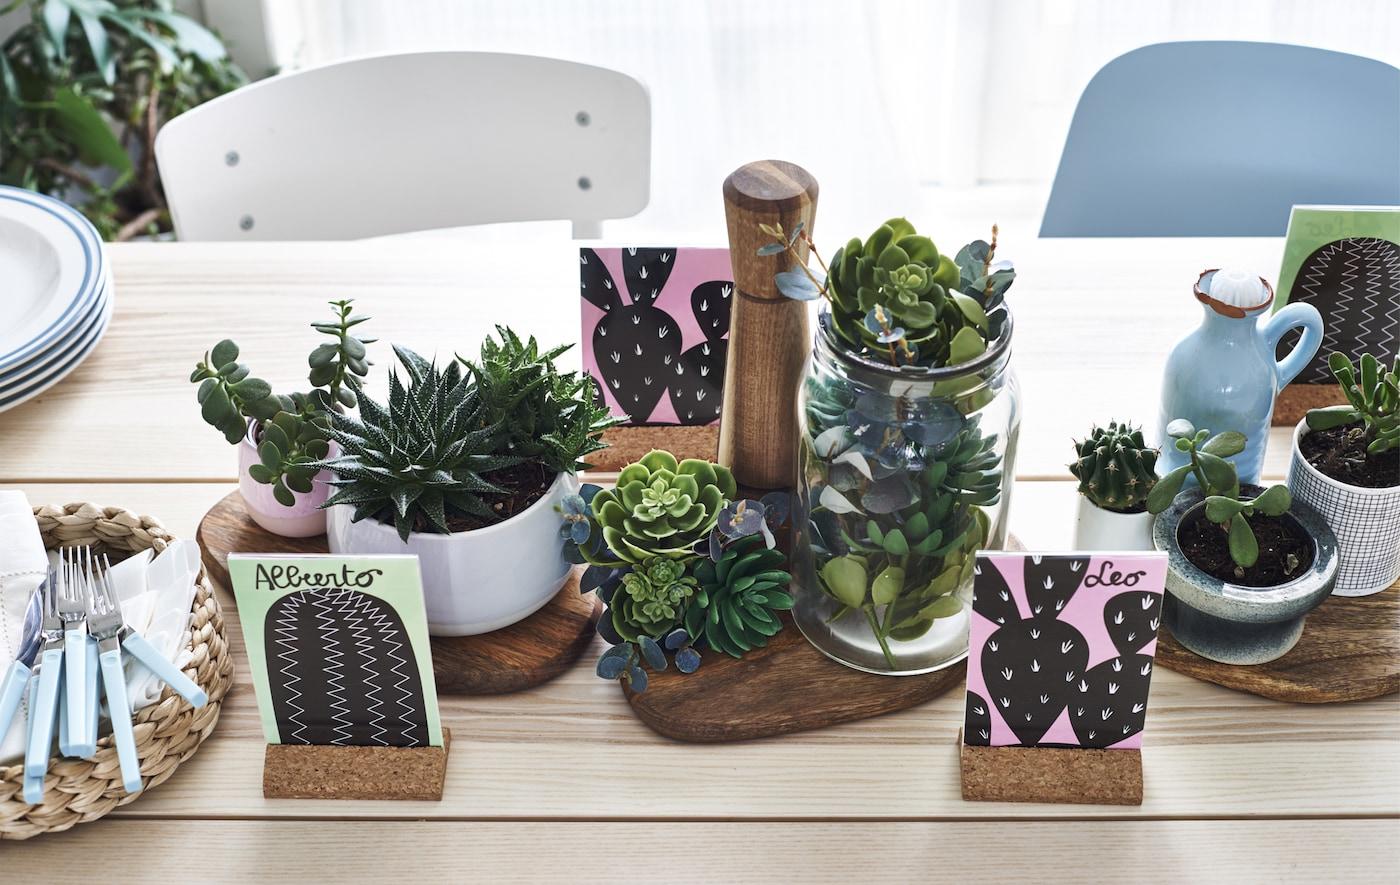 Decoration Avec Plantes Grasses une déco de table facile avec des plantes grasses - ikea